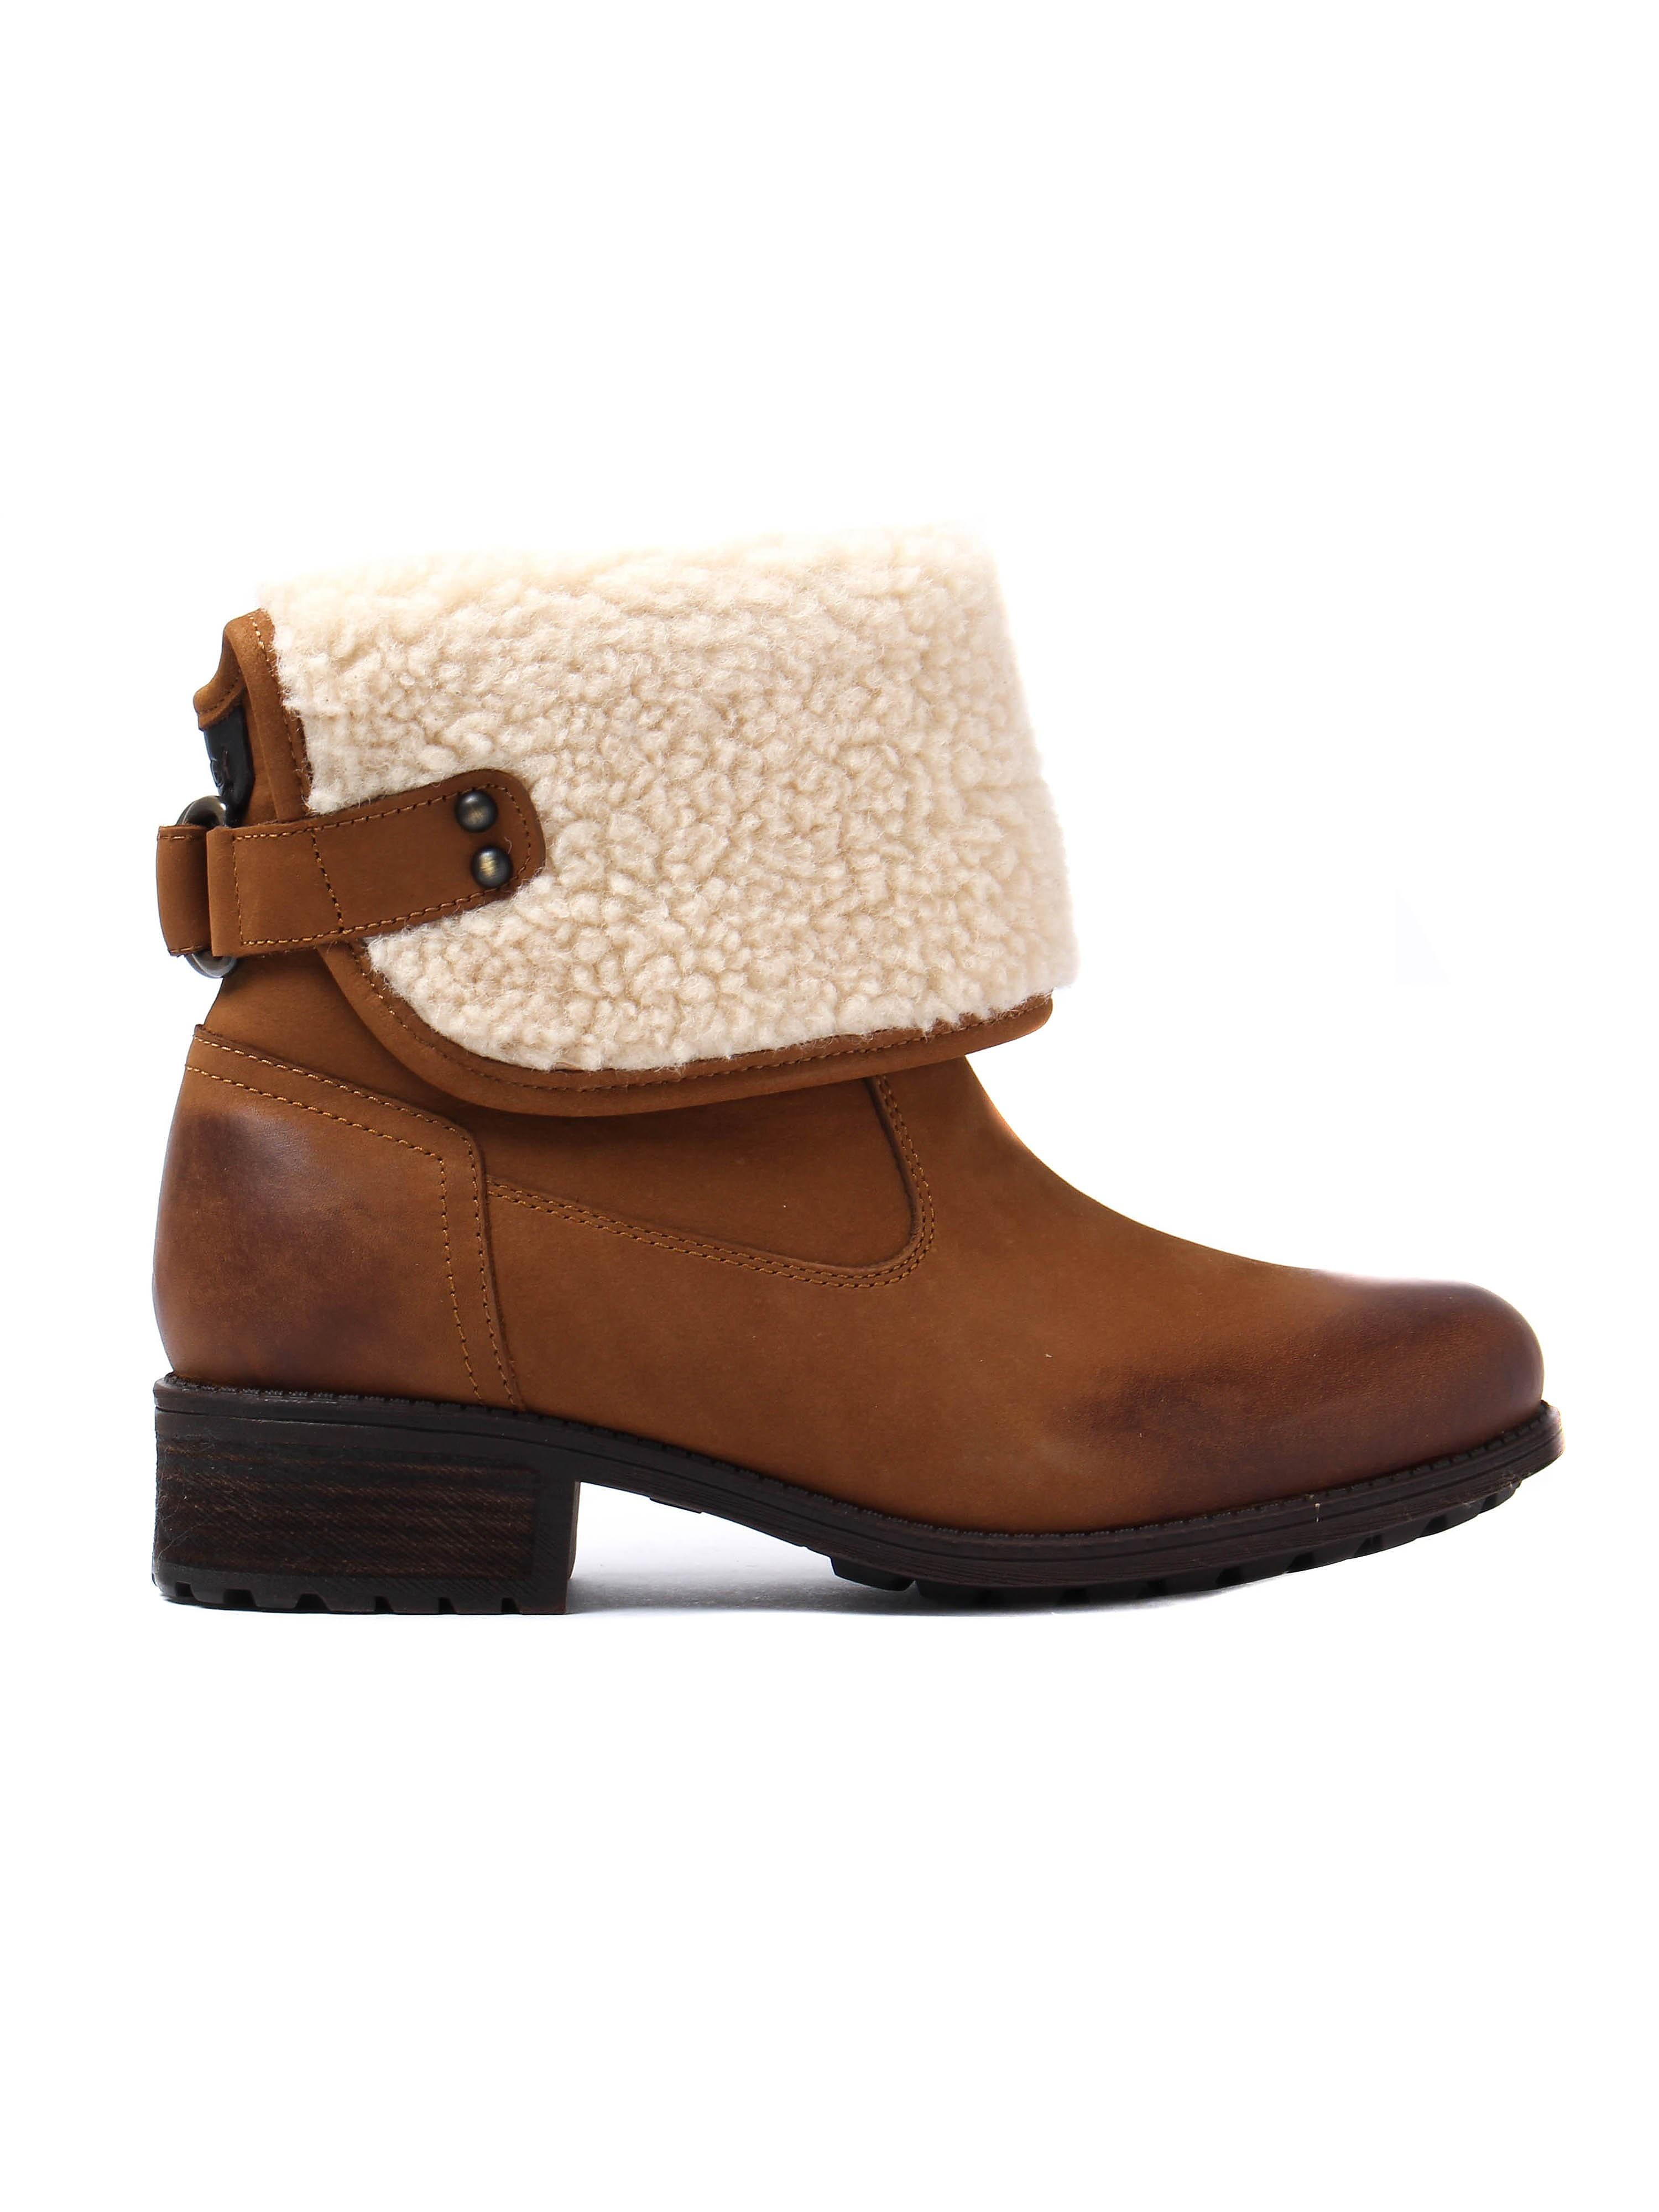 UGG Women's Aldon Boots - Chestnut